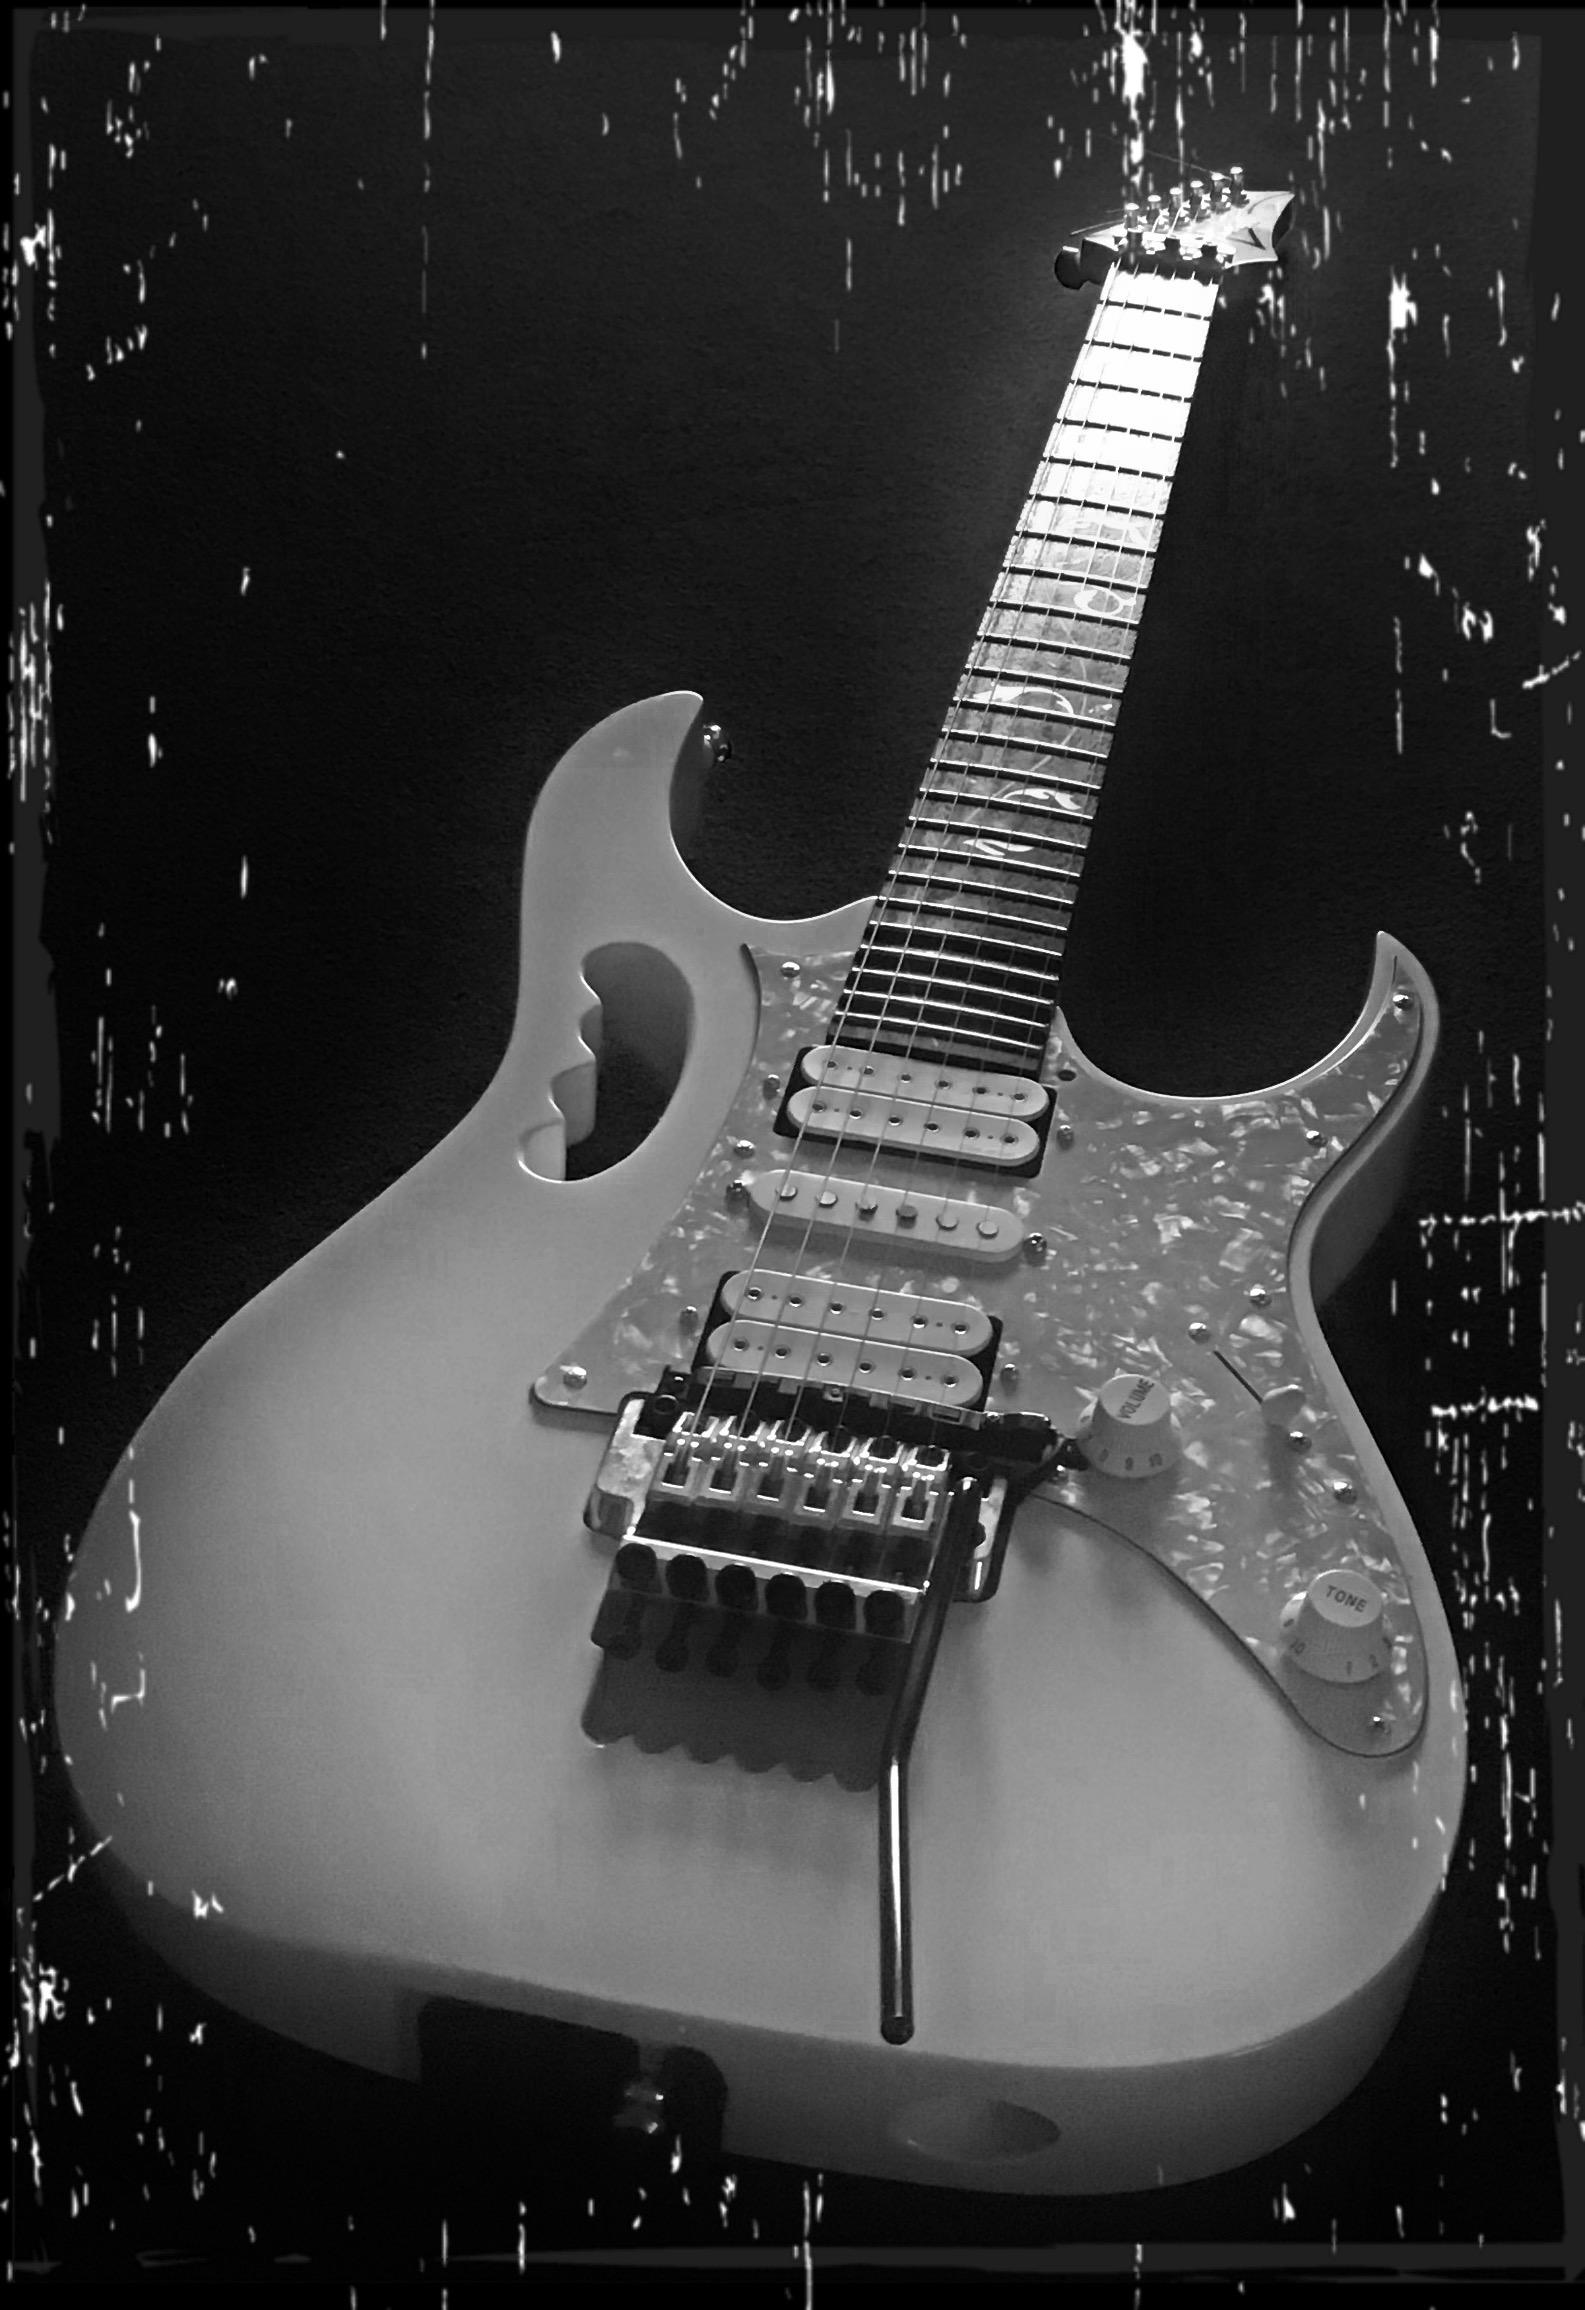 Les guitares à 3000 balles... Démystification !